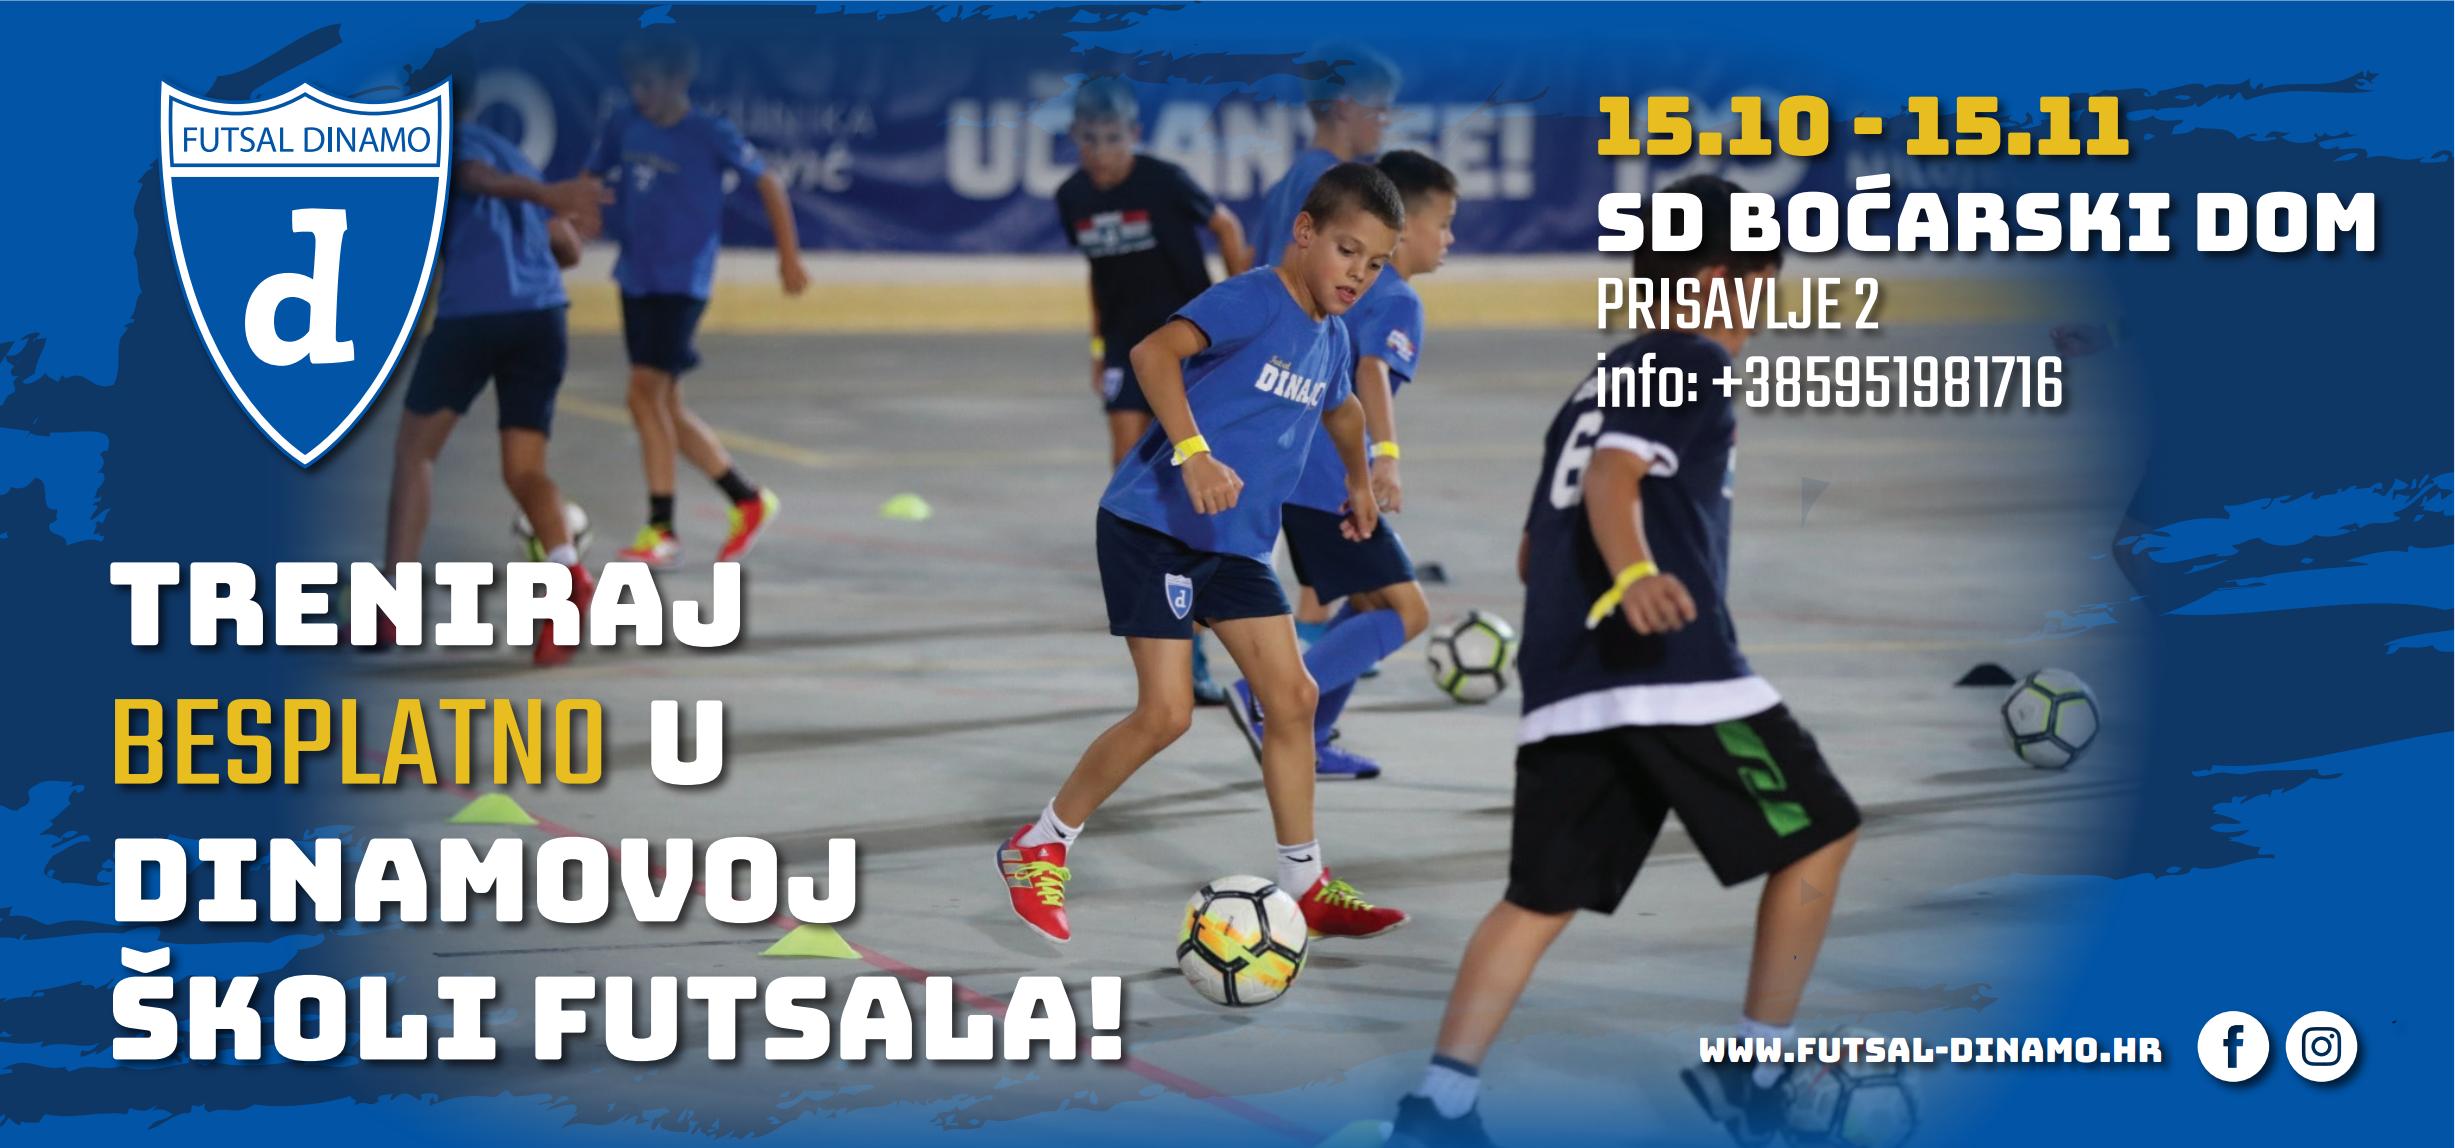 Treniraj besplatno u Dinamovoj Školi